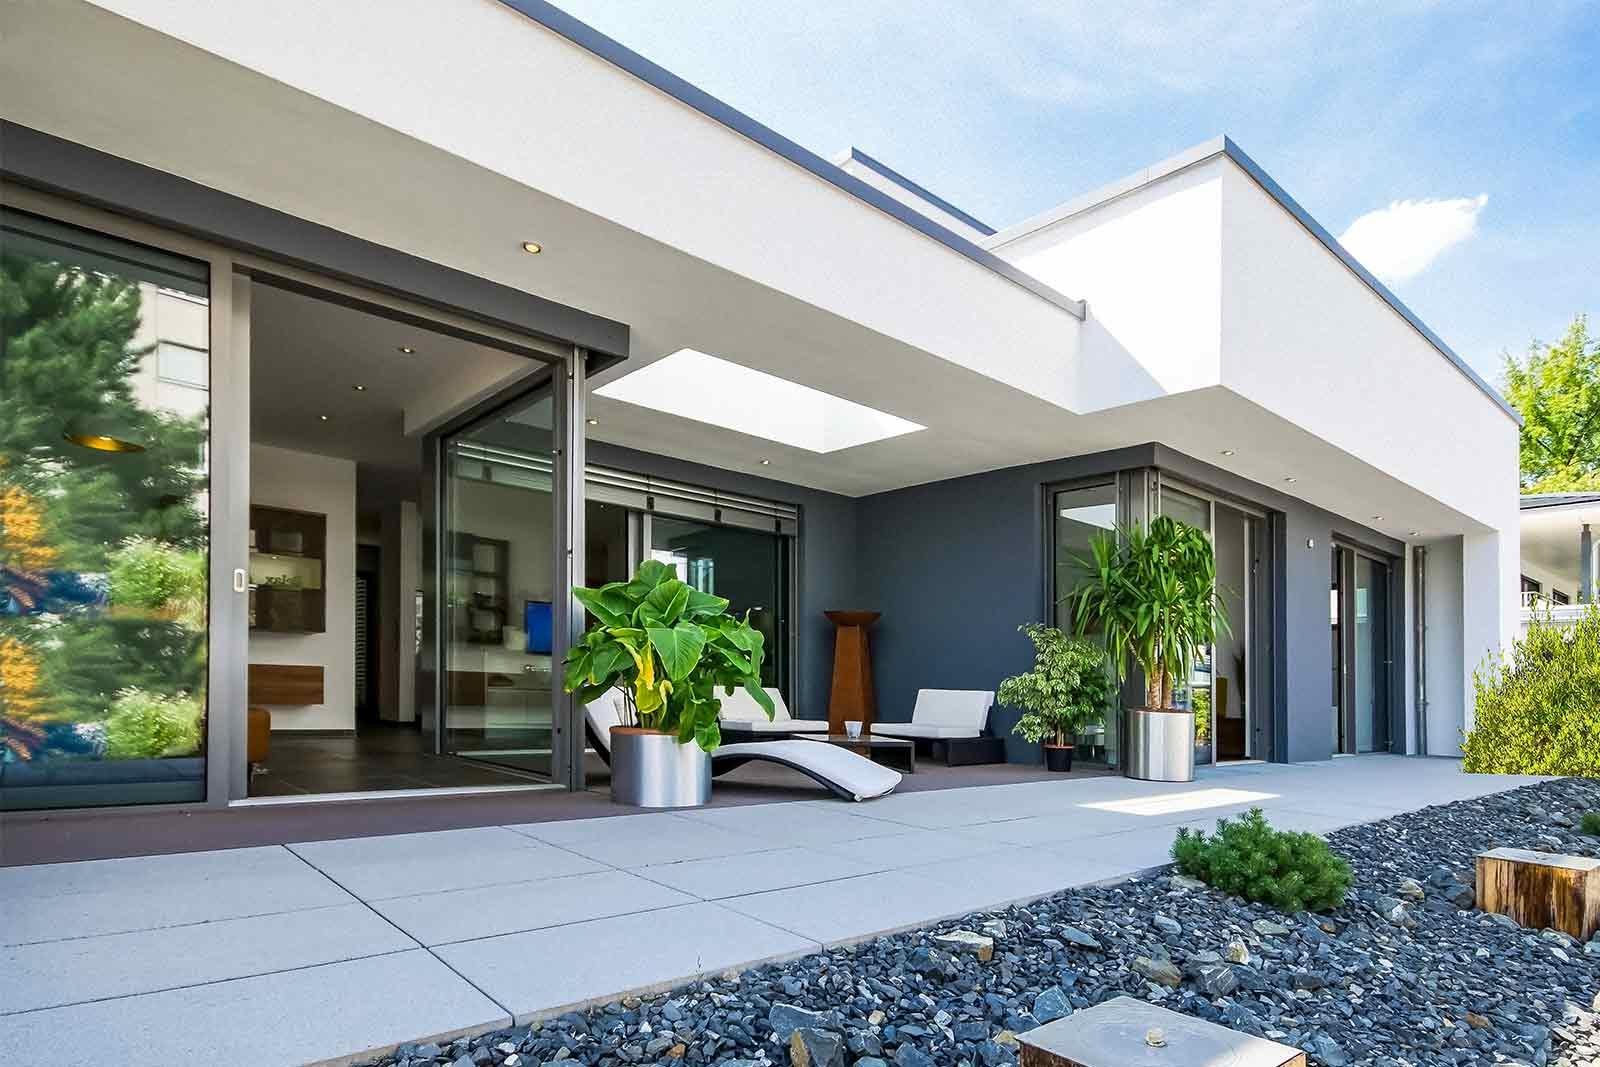 Merz Immobilien Villingen Schwenningen Beraten Haus Wohnbau